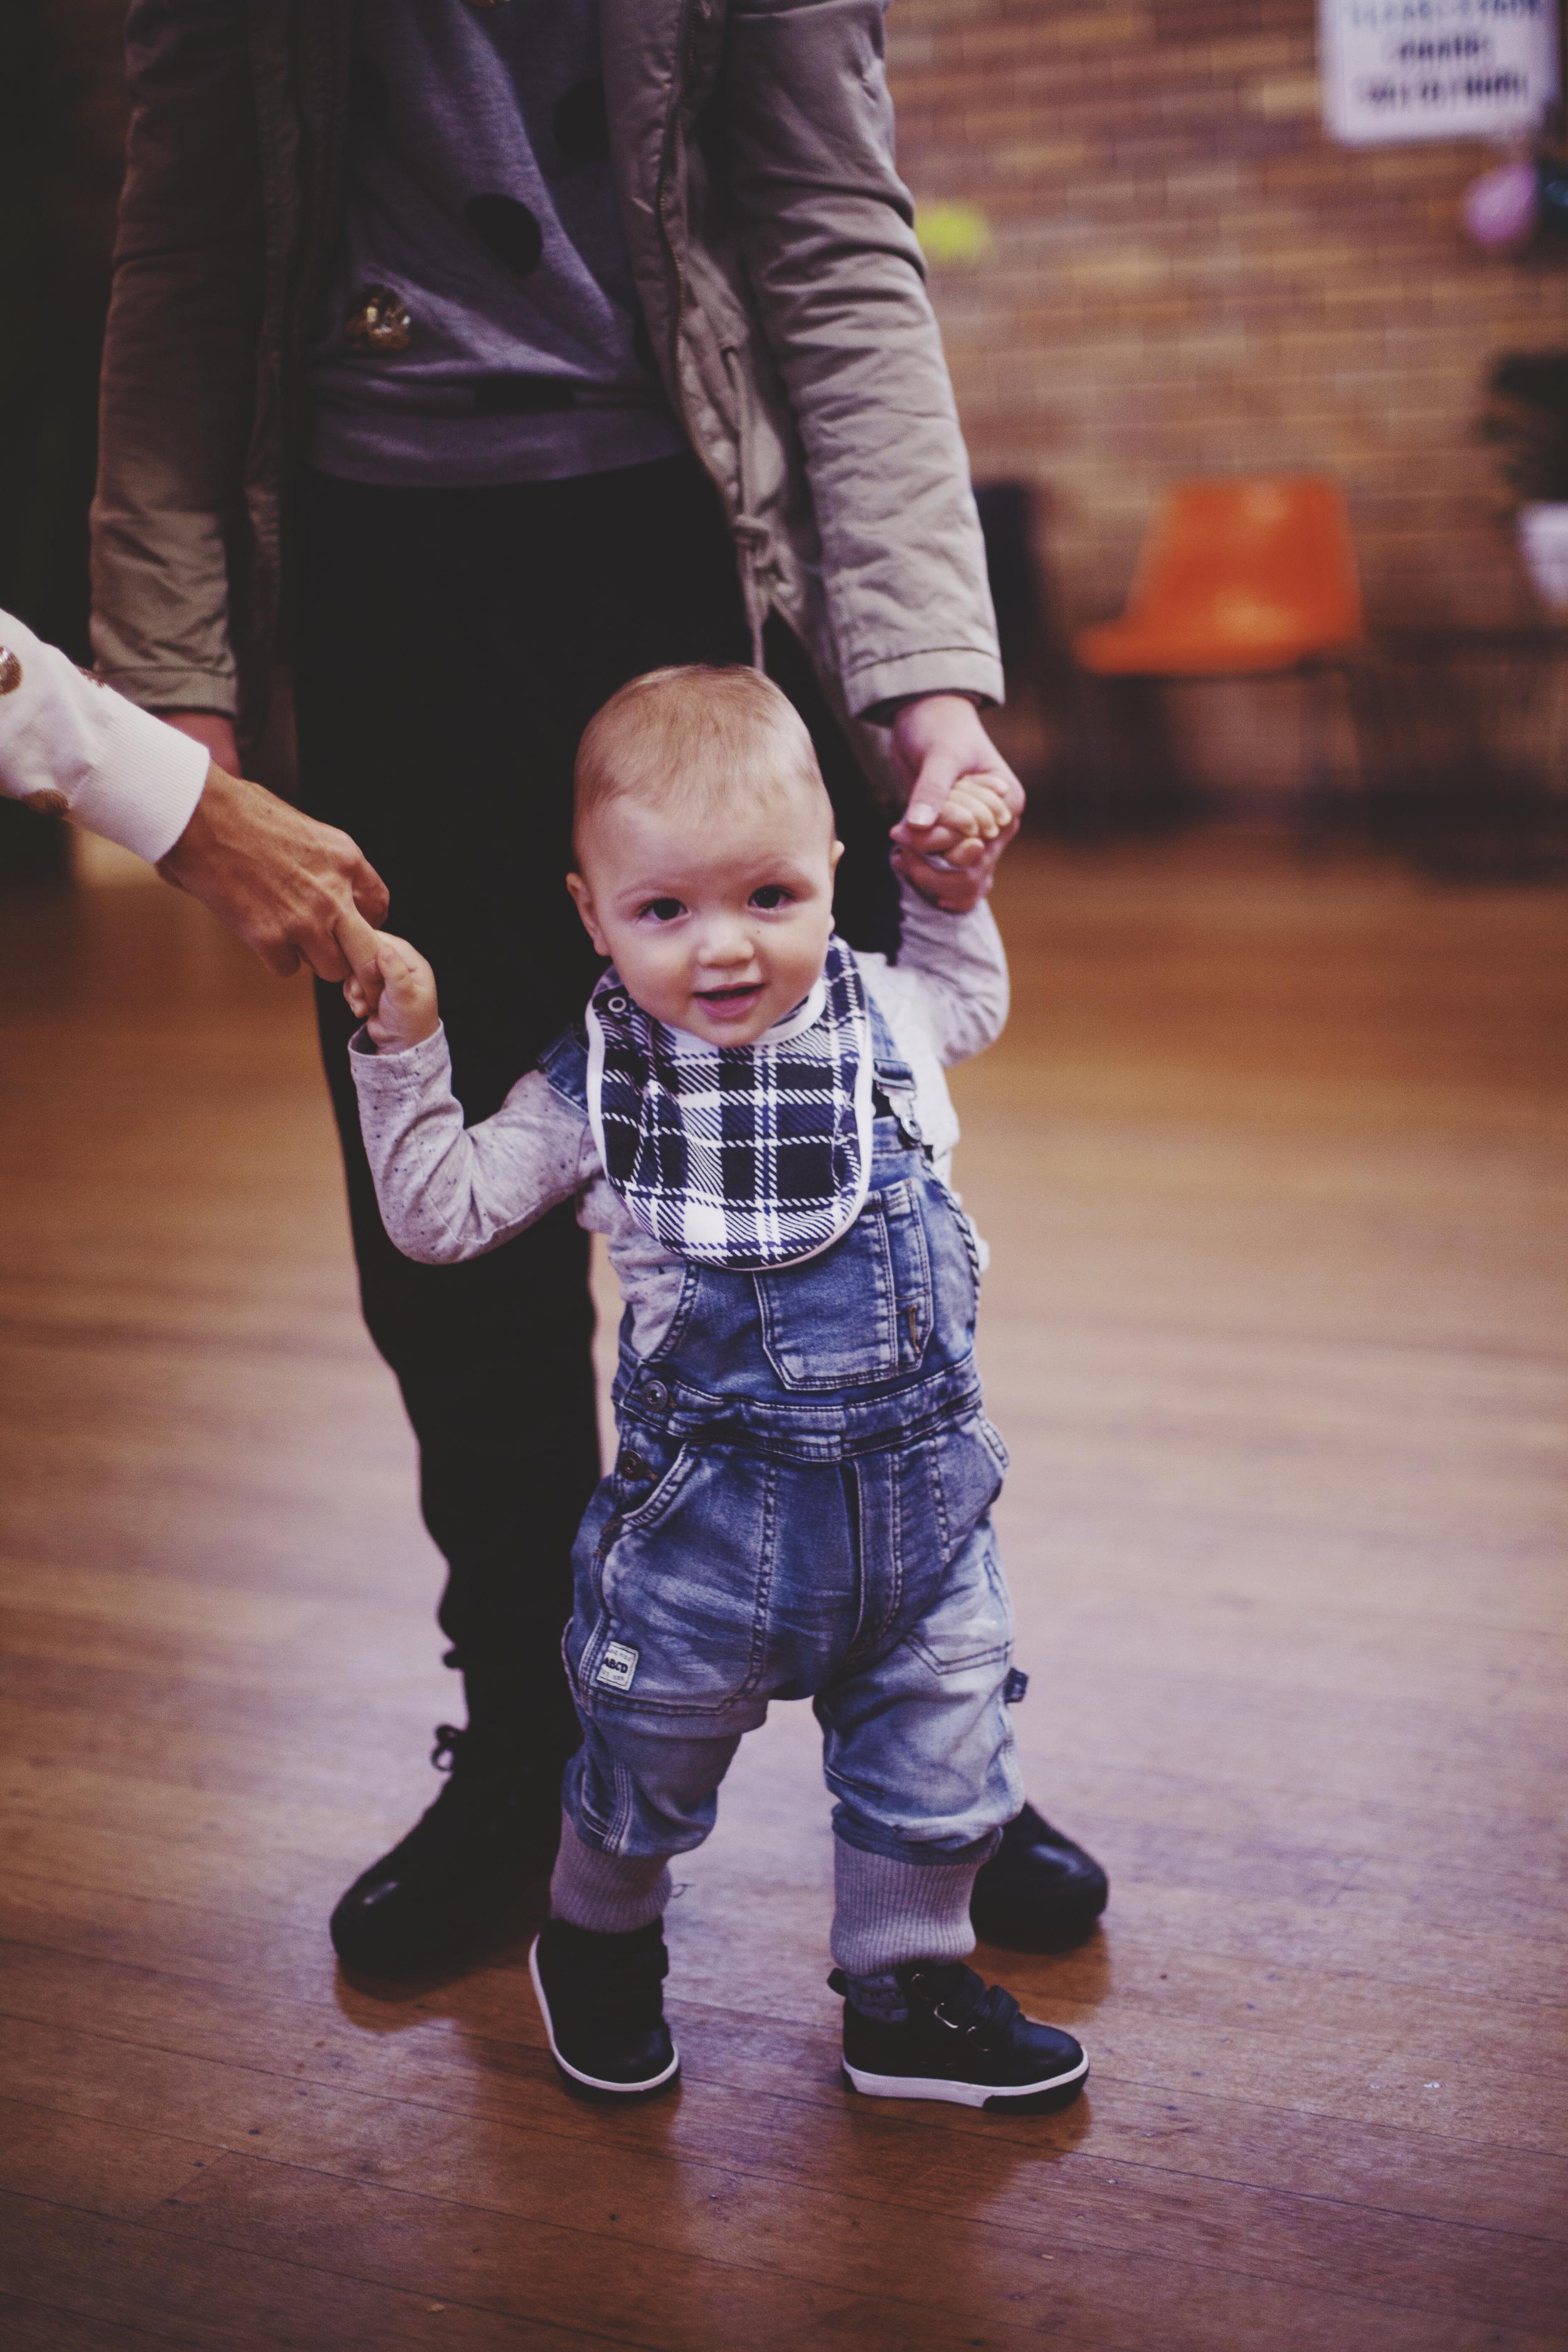 young boy standing on floor wearing denim overalls